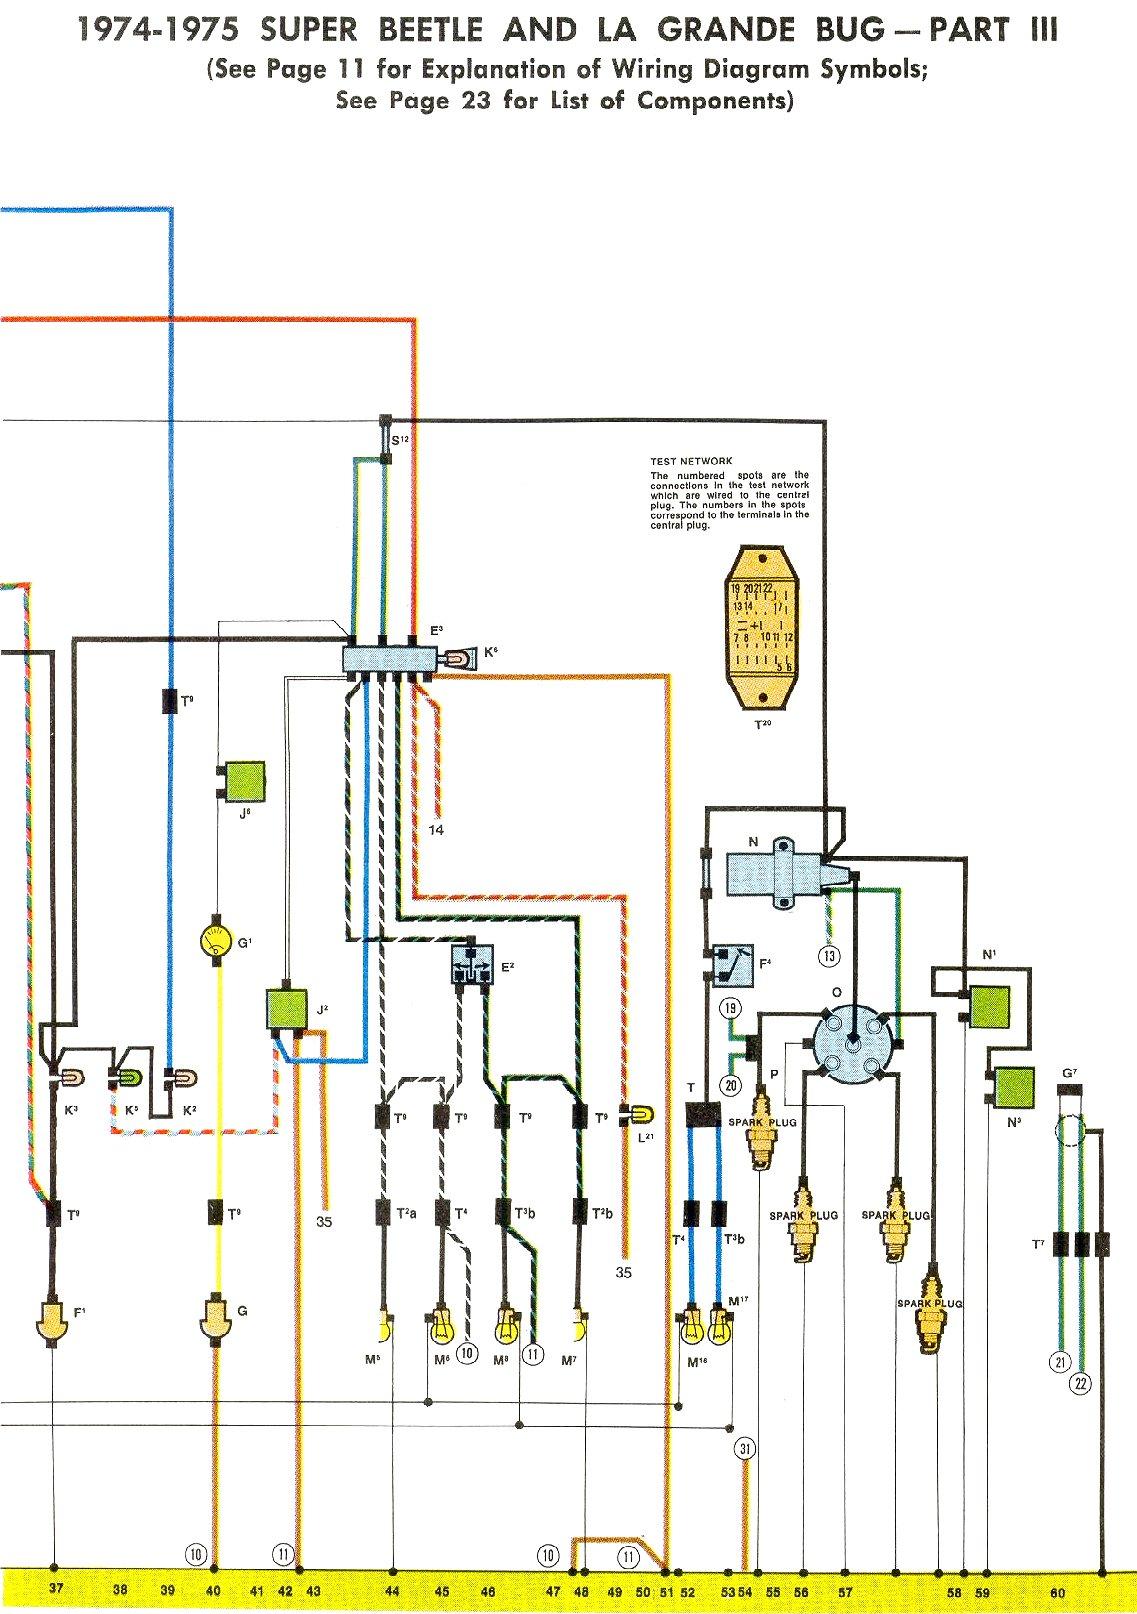 75 super beetle wiring diagram